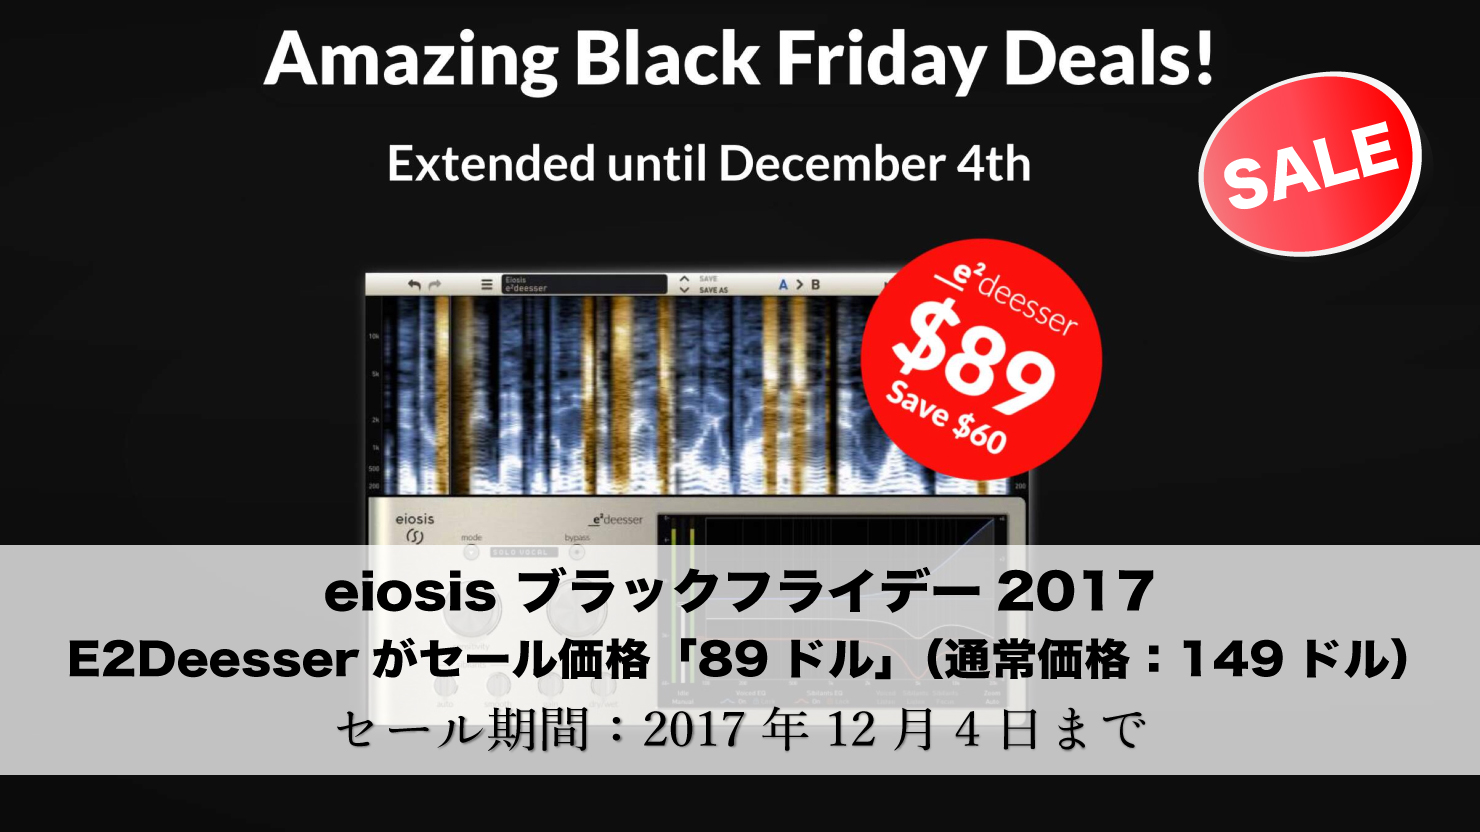 【セール期間:12月4日まで】eiosis ブラックフライデー2017 E2Deesserが89ドル